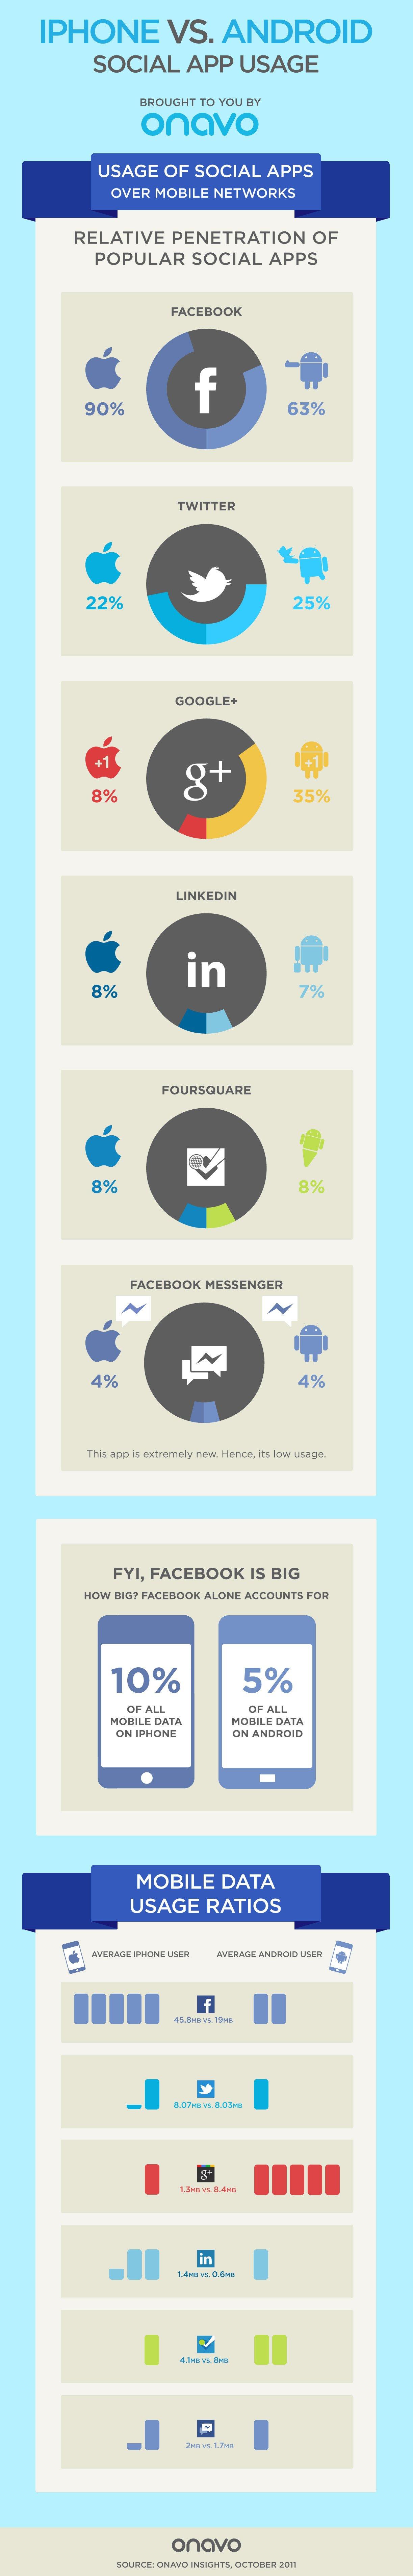 iPhone vs. Android - wie werden die Sozialen Medien genutzt - Infografik